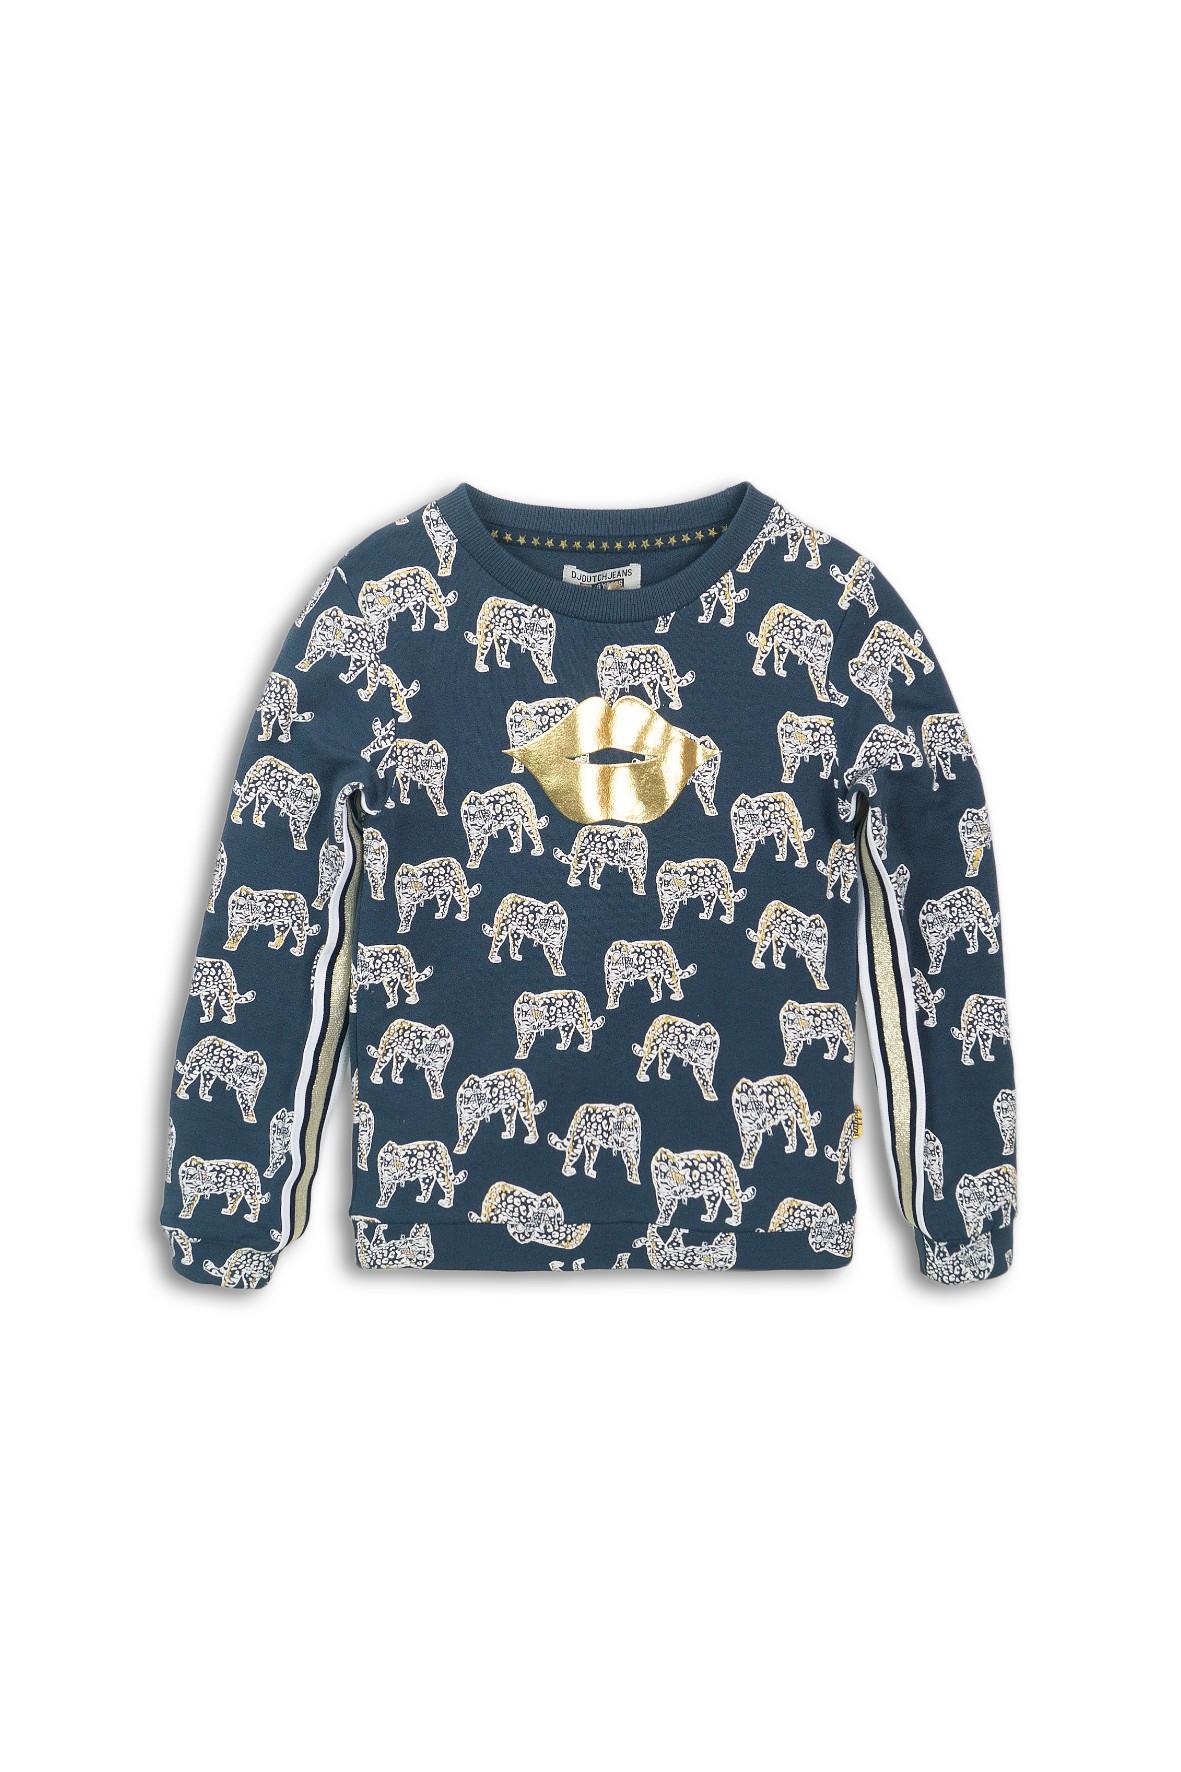 Bluza dresowa granatowa z motywem zwierząt